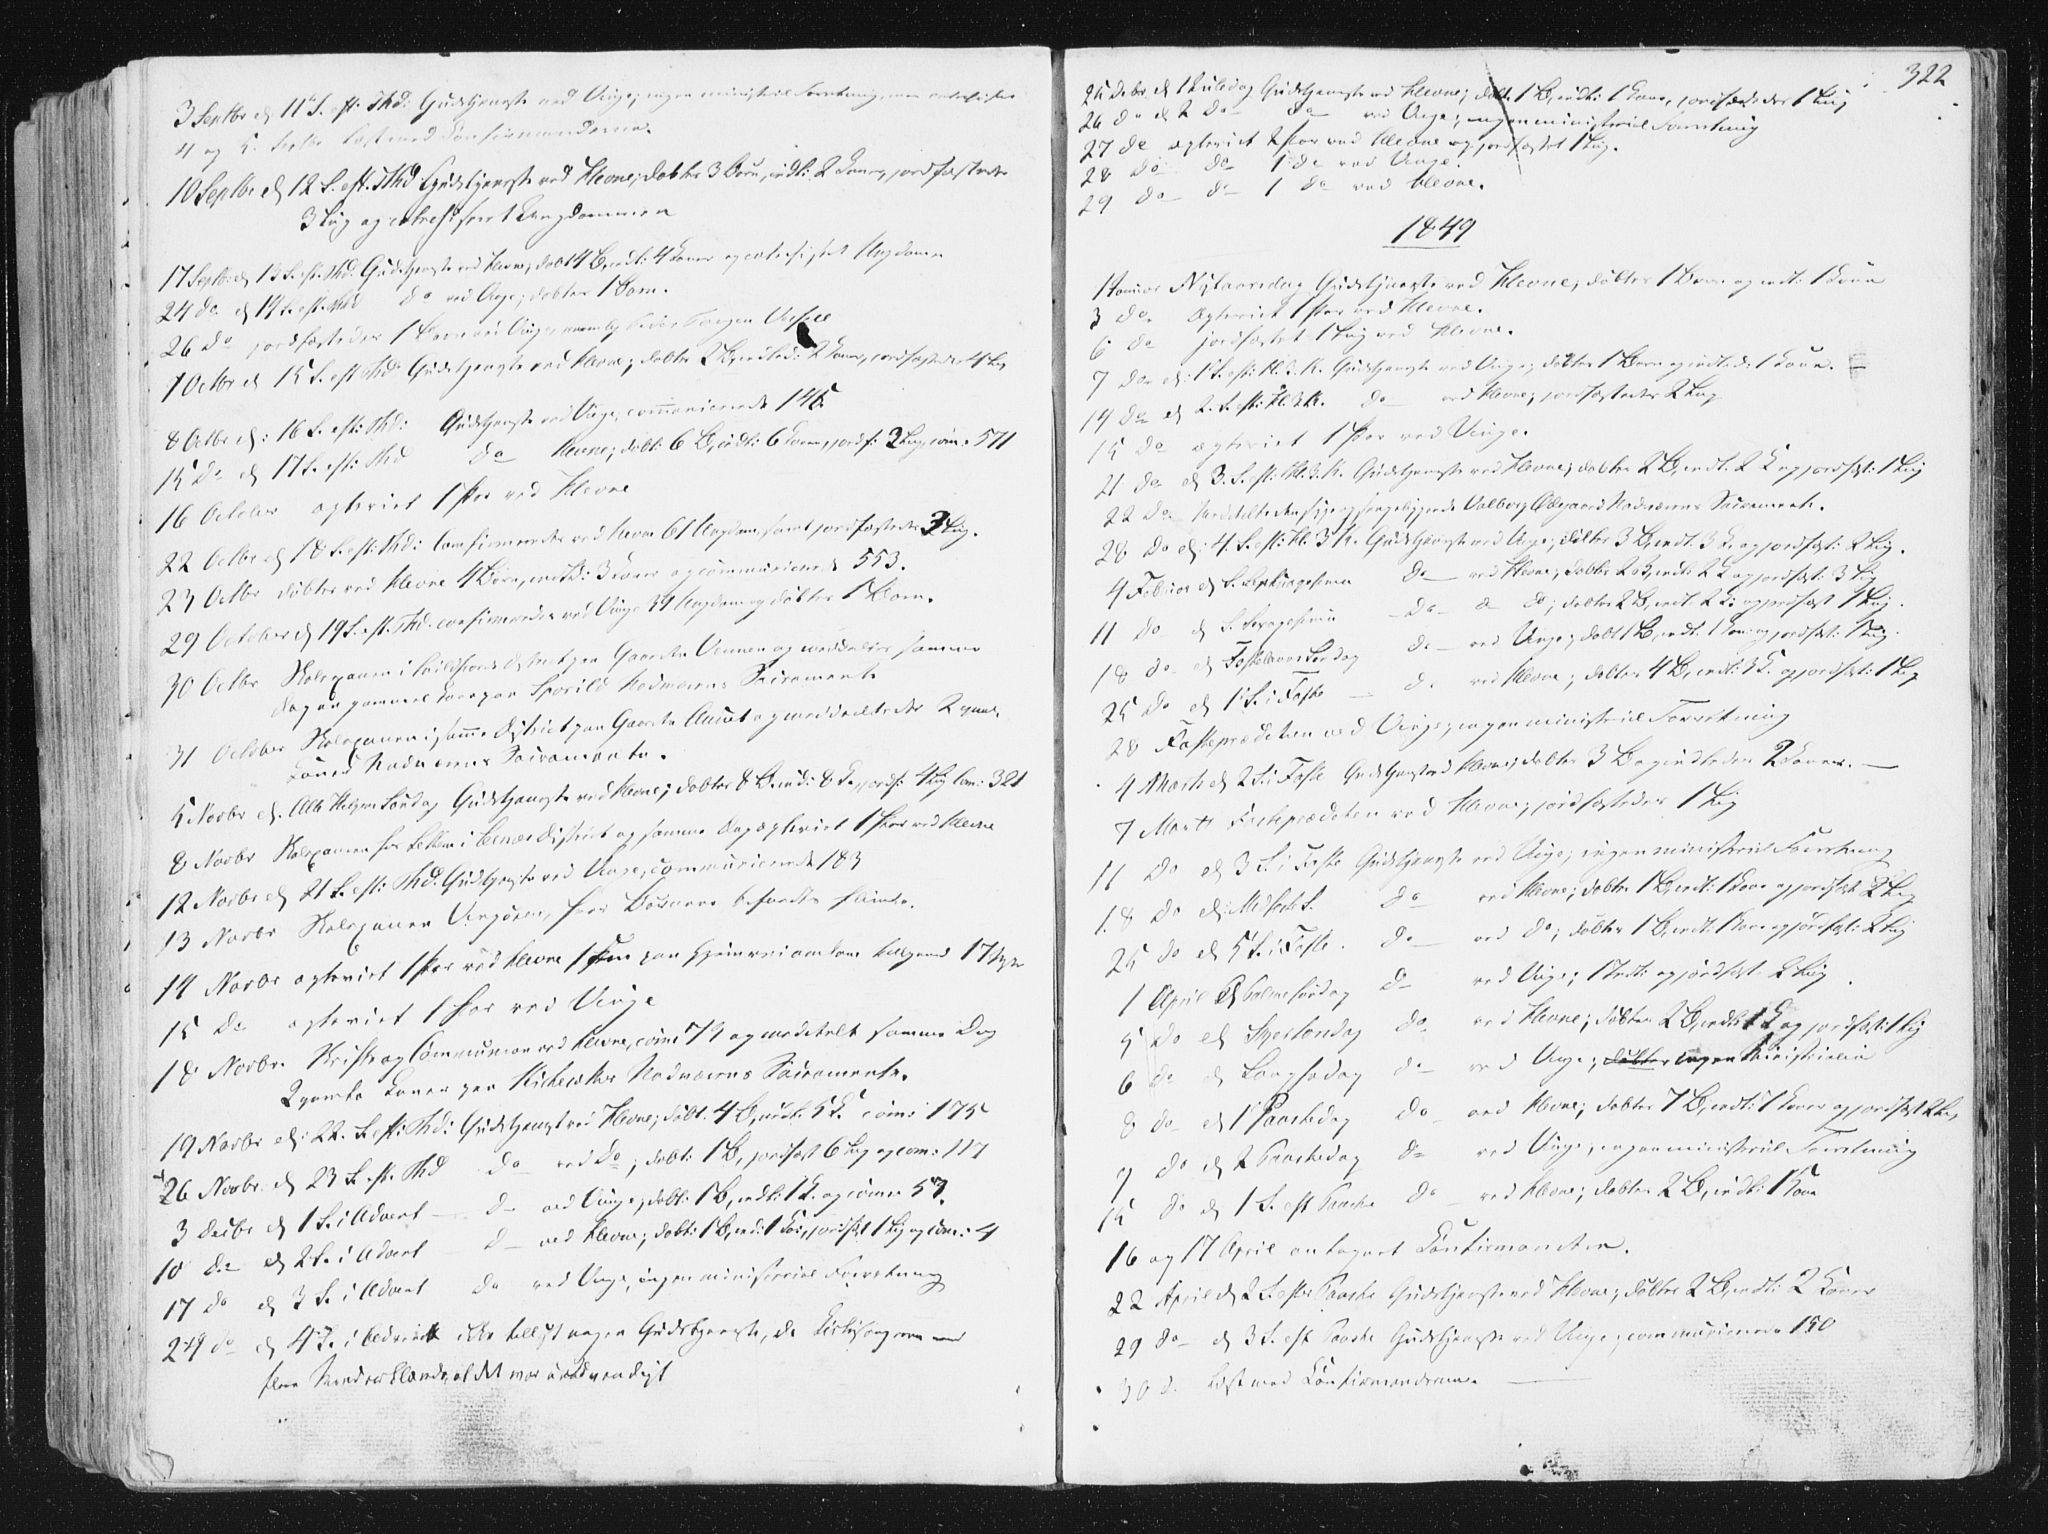 SAT, Ministerialprotokoller, klokkerbøker og fødselsregistre - Sør-Trøndelag, 630/L0493: Ministerialbok nr. 630A06, 1841-1851, s. 322